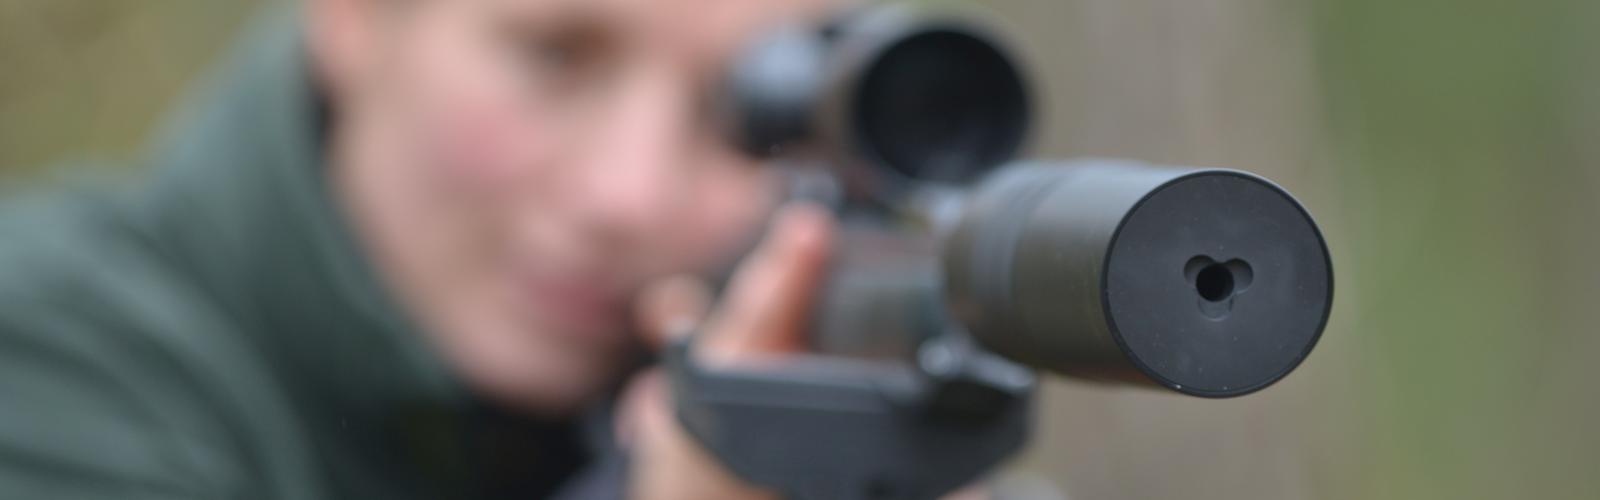 Jägerin mit Schalldämpfer auf Jagdwaffe